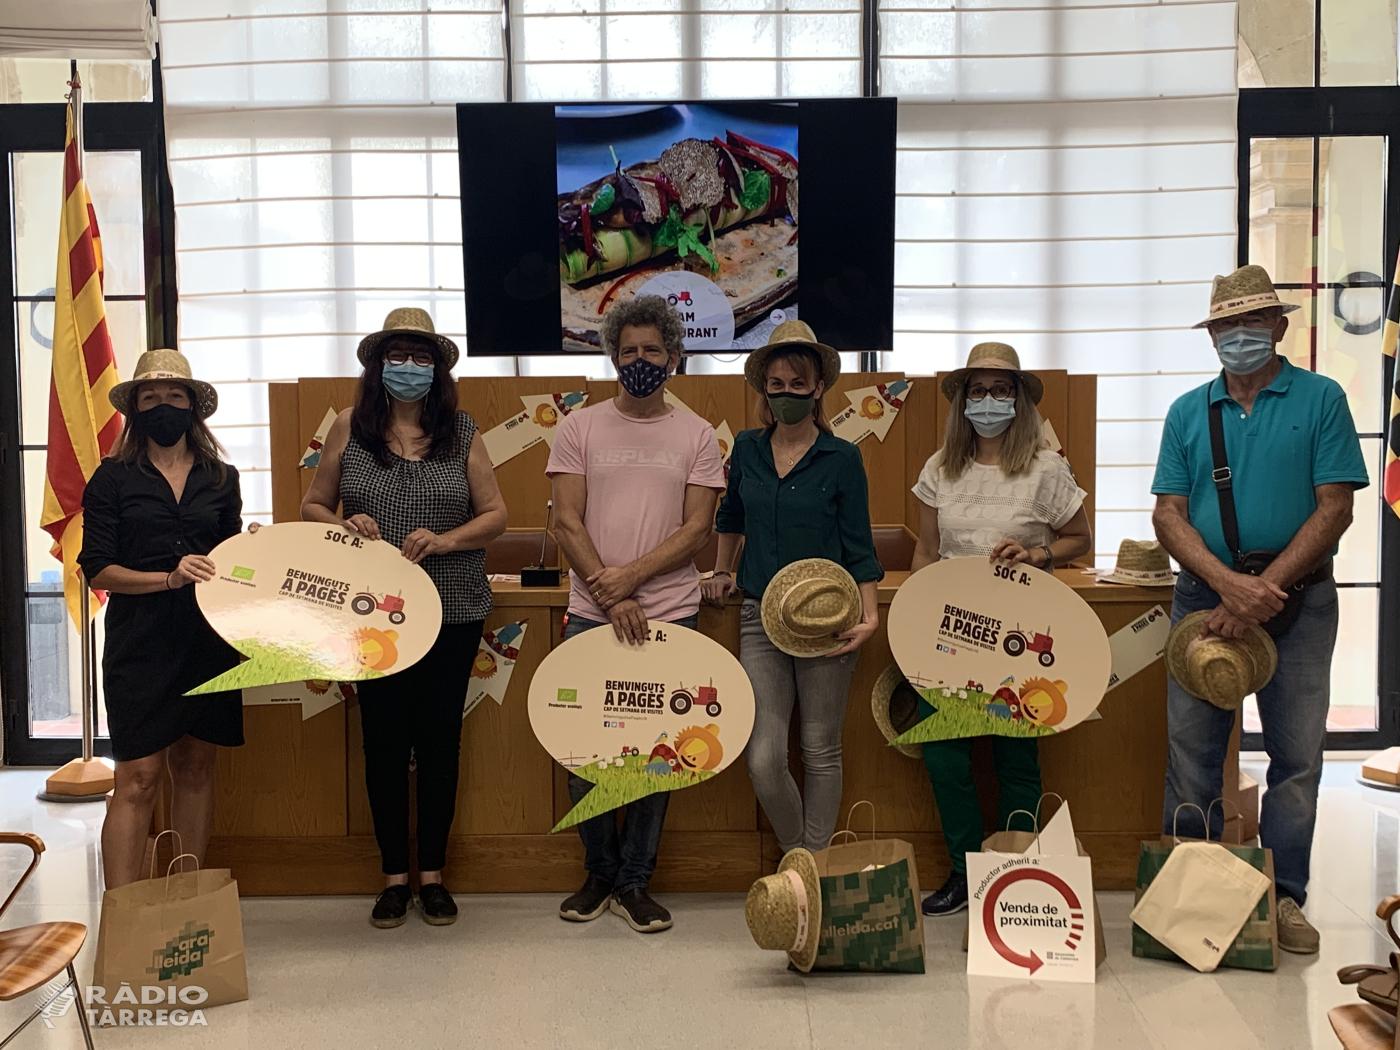 L'Urgell participa al  'Benvinguts a Pagès La Festa' amb una desena d'establiments